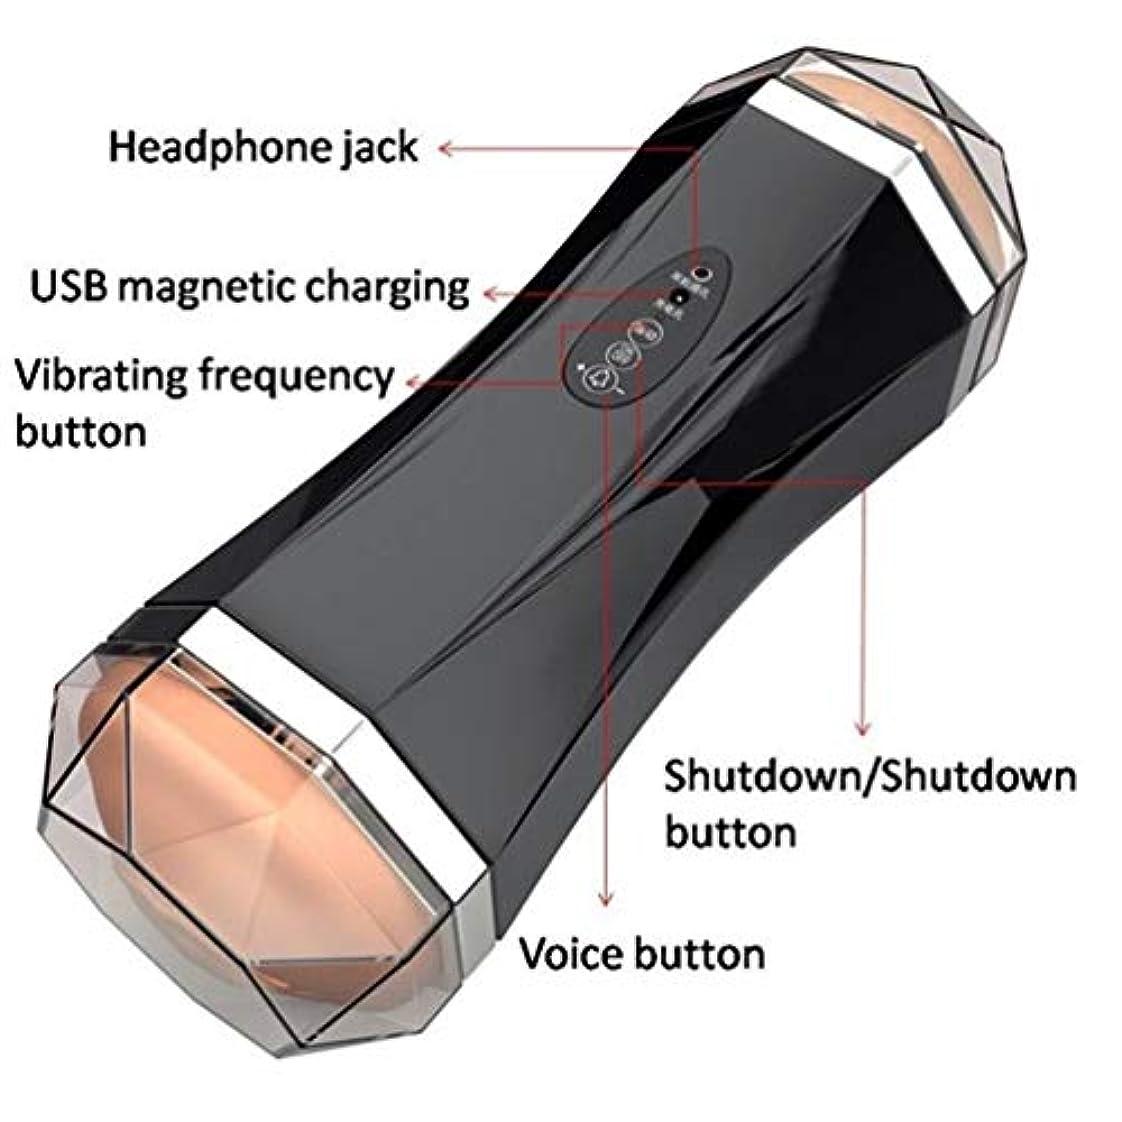 非常に死Woouu USBフラッシュ充電自動吸い込み、ディープスロートの経験ダブルチャンネルマルチバイブレーション周波数